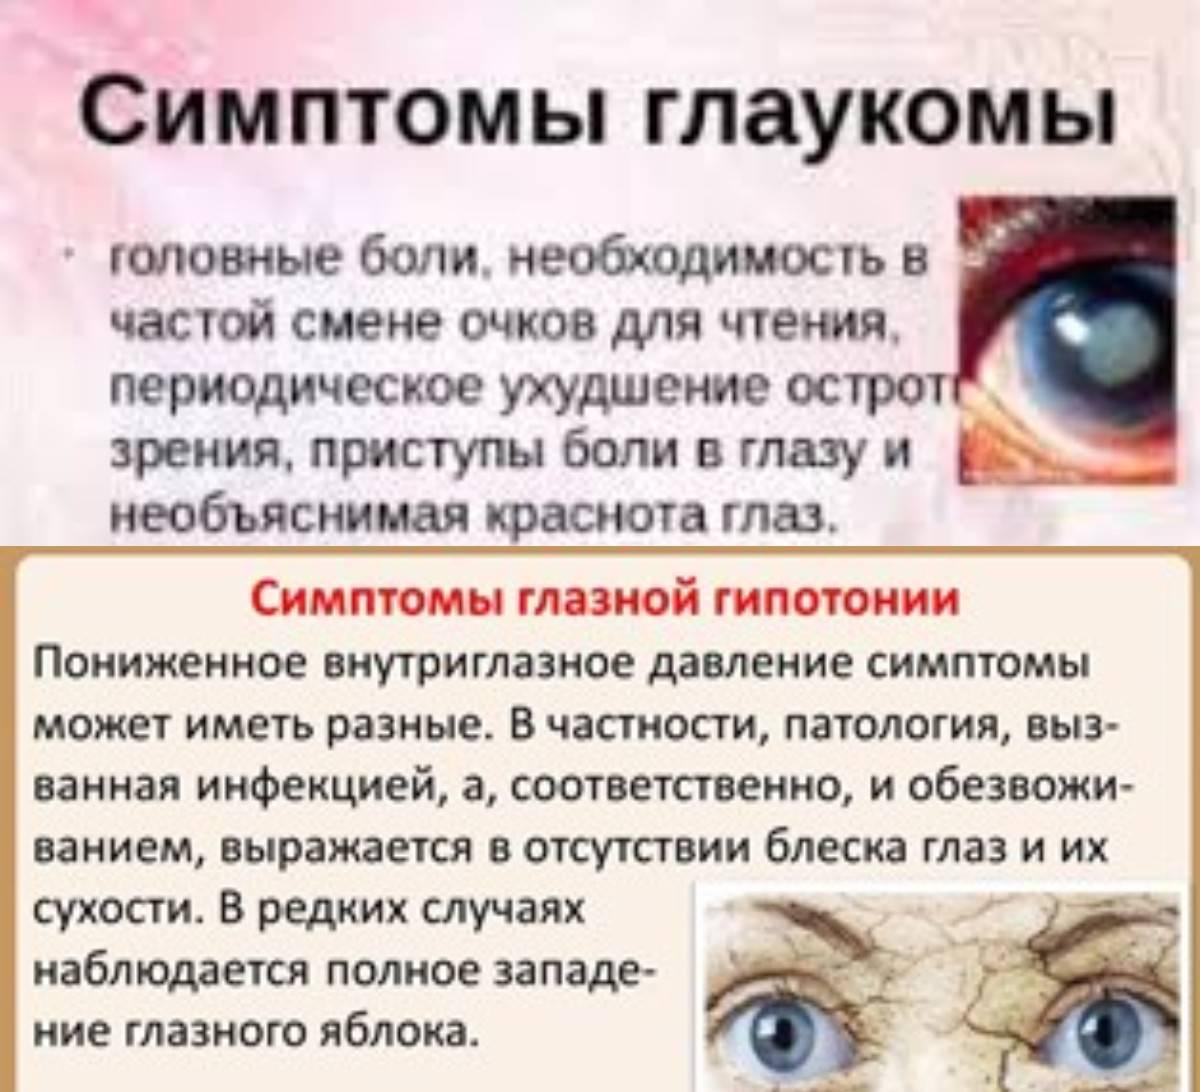 При глаукоме противопоказаны препараты: образ жизни, что нельзя принимать при заболевании, алкоголь и кофе при патология, можно ли летать на самолете